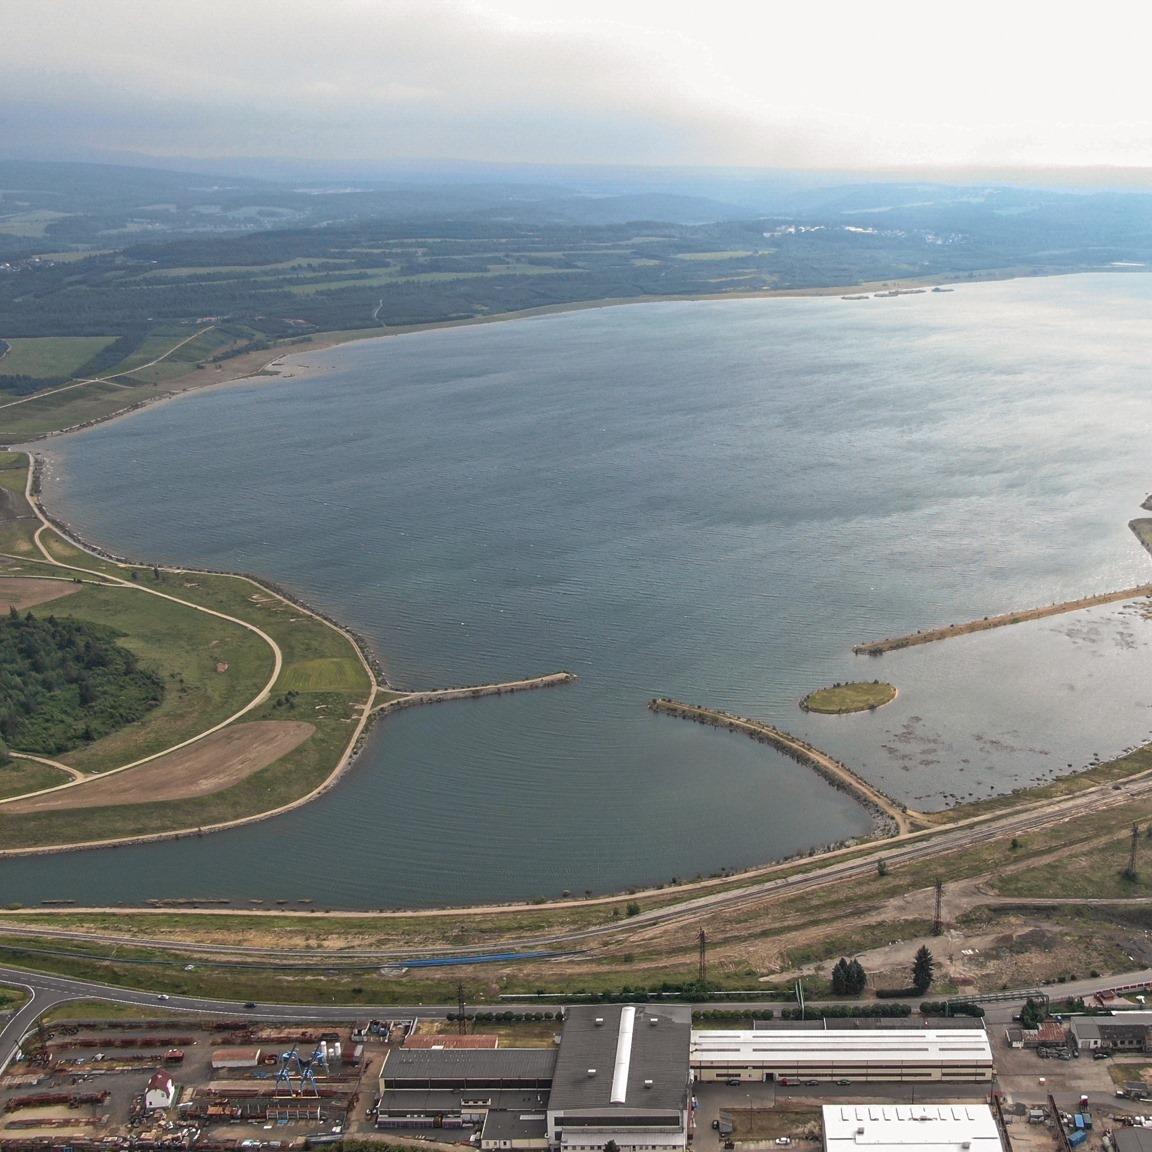 Medard je v současnosti největším rekultivačním jezerem v Česku